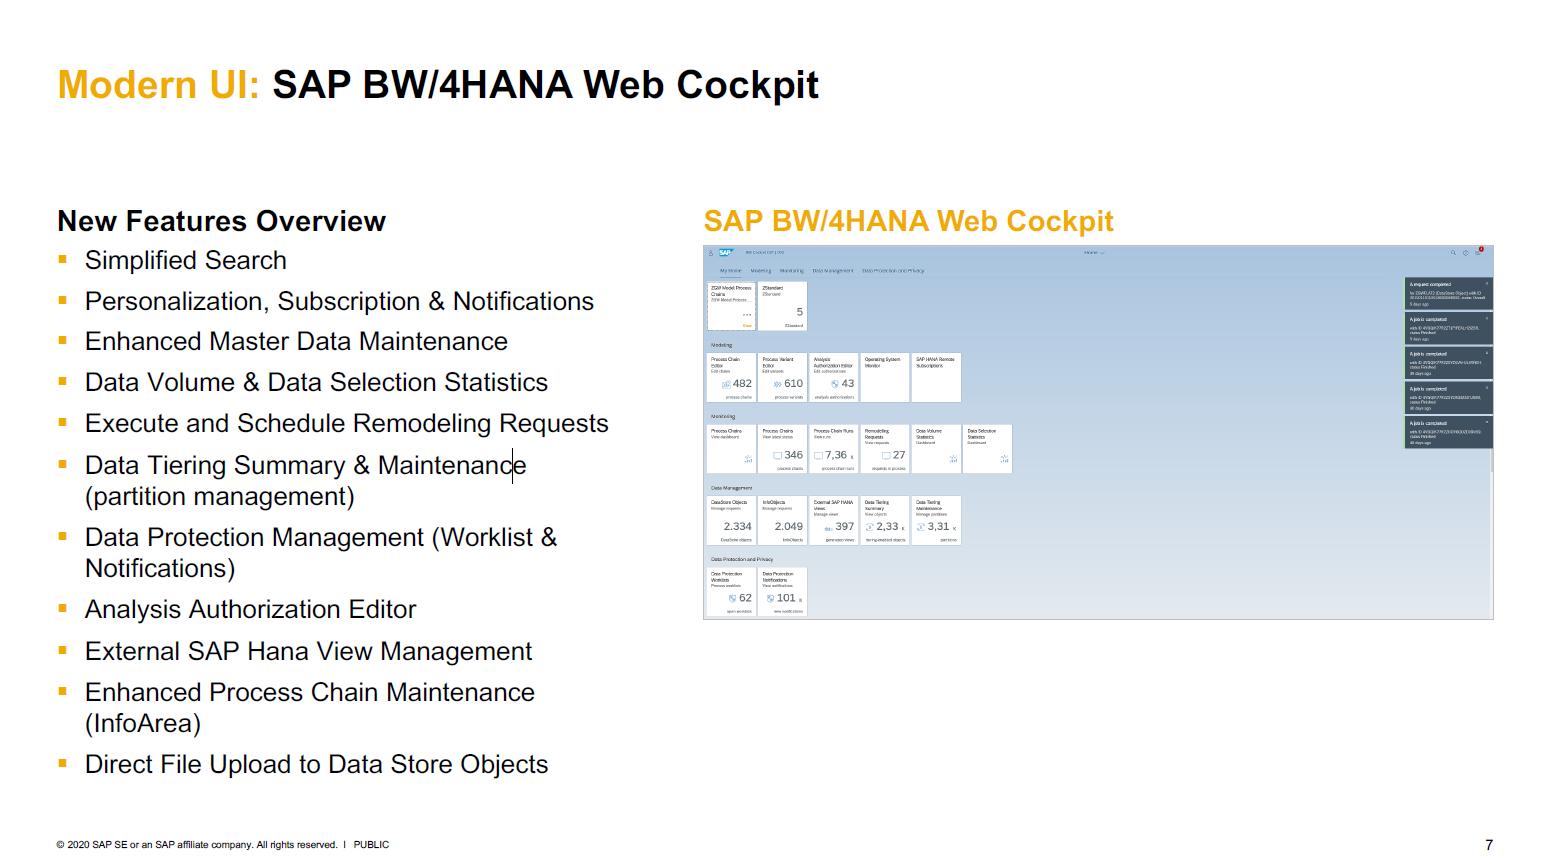 SAP BW/4HANA Web Cockpit